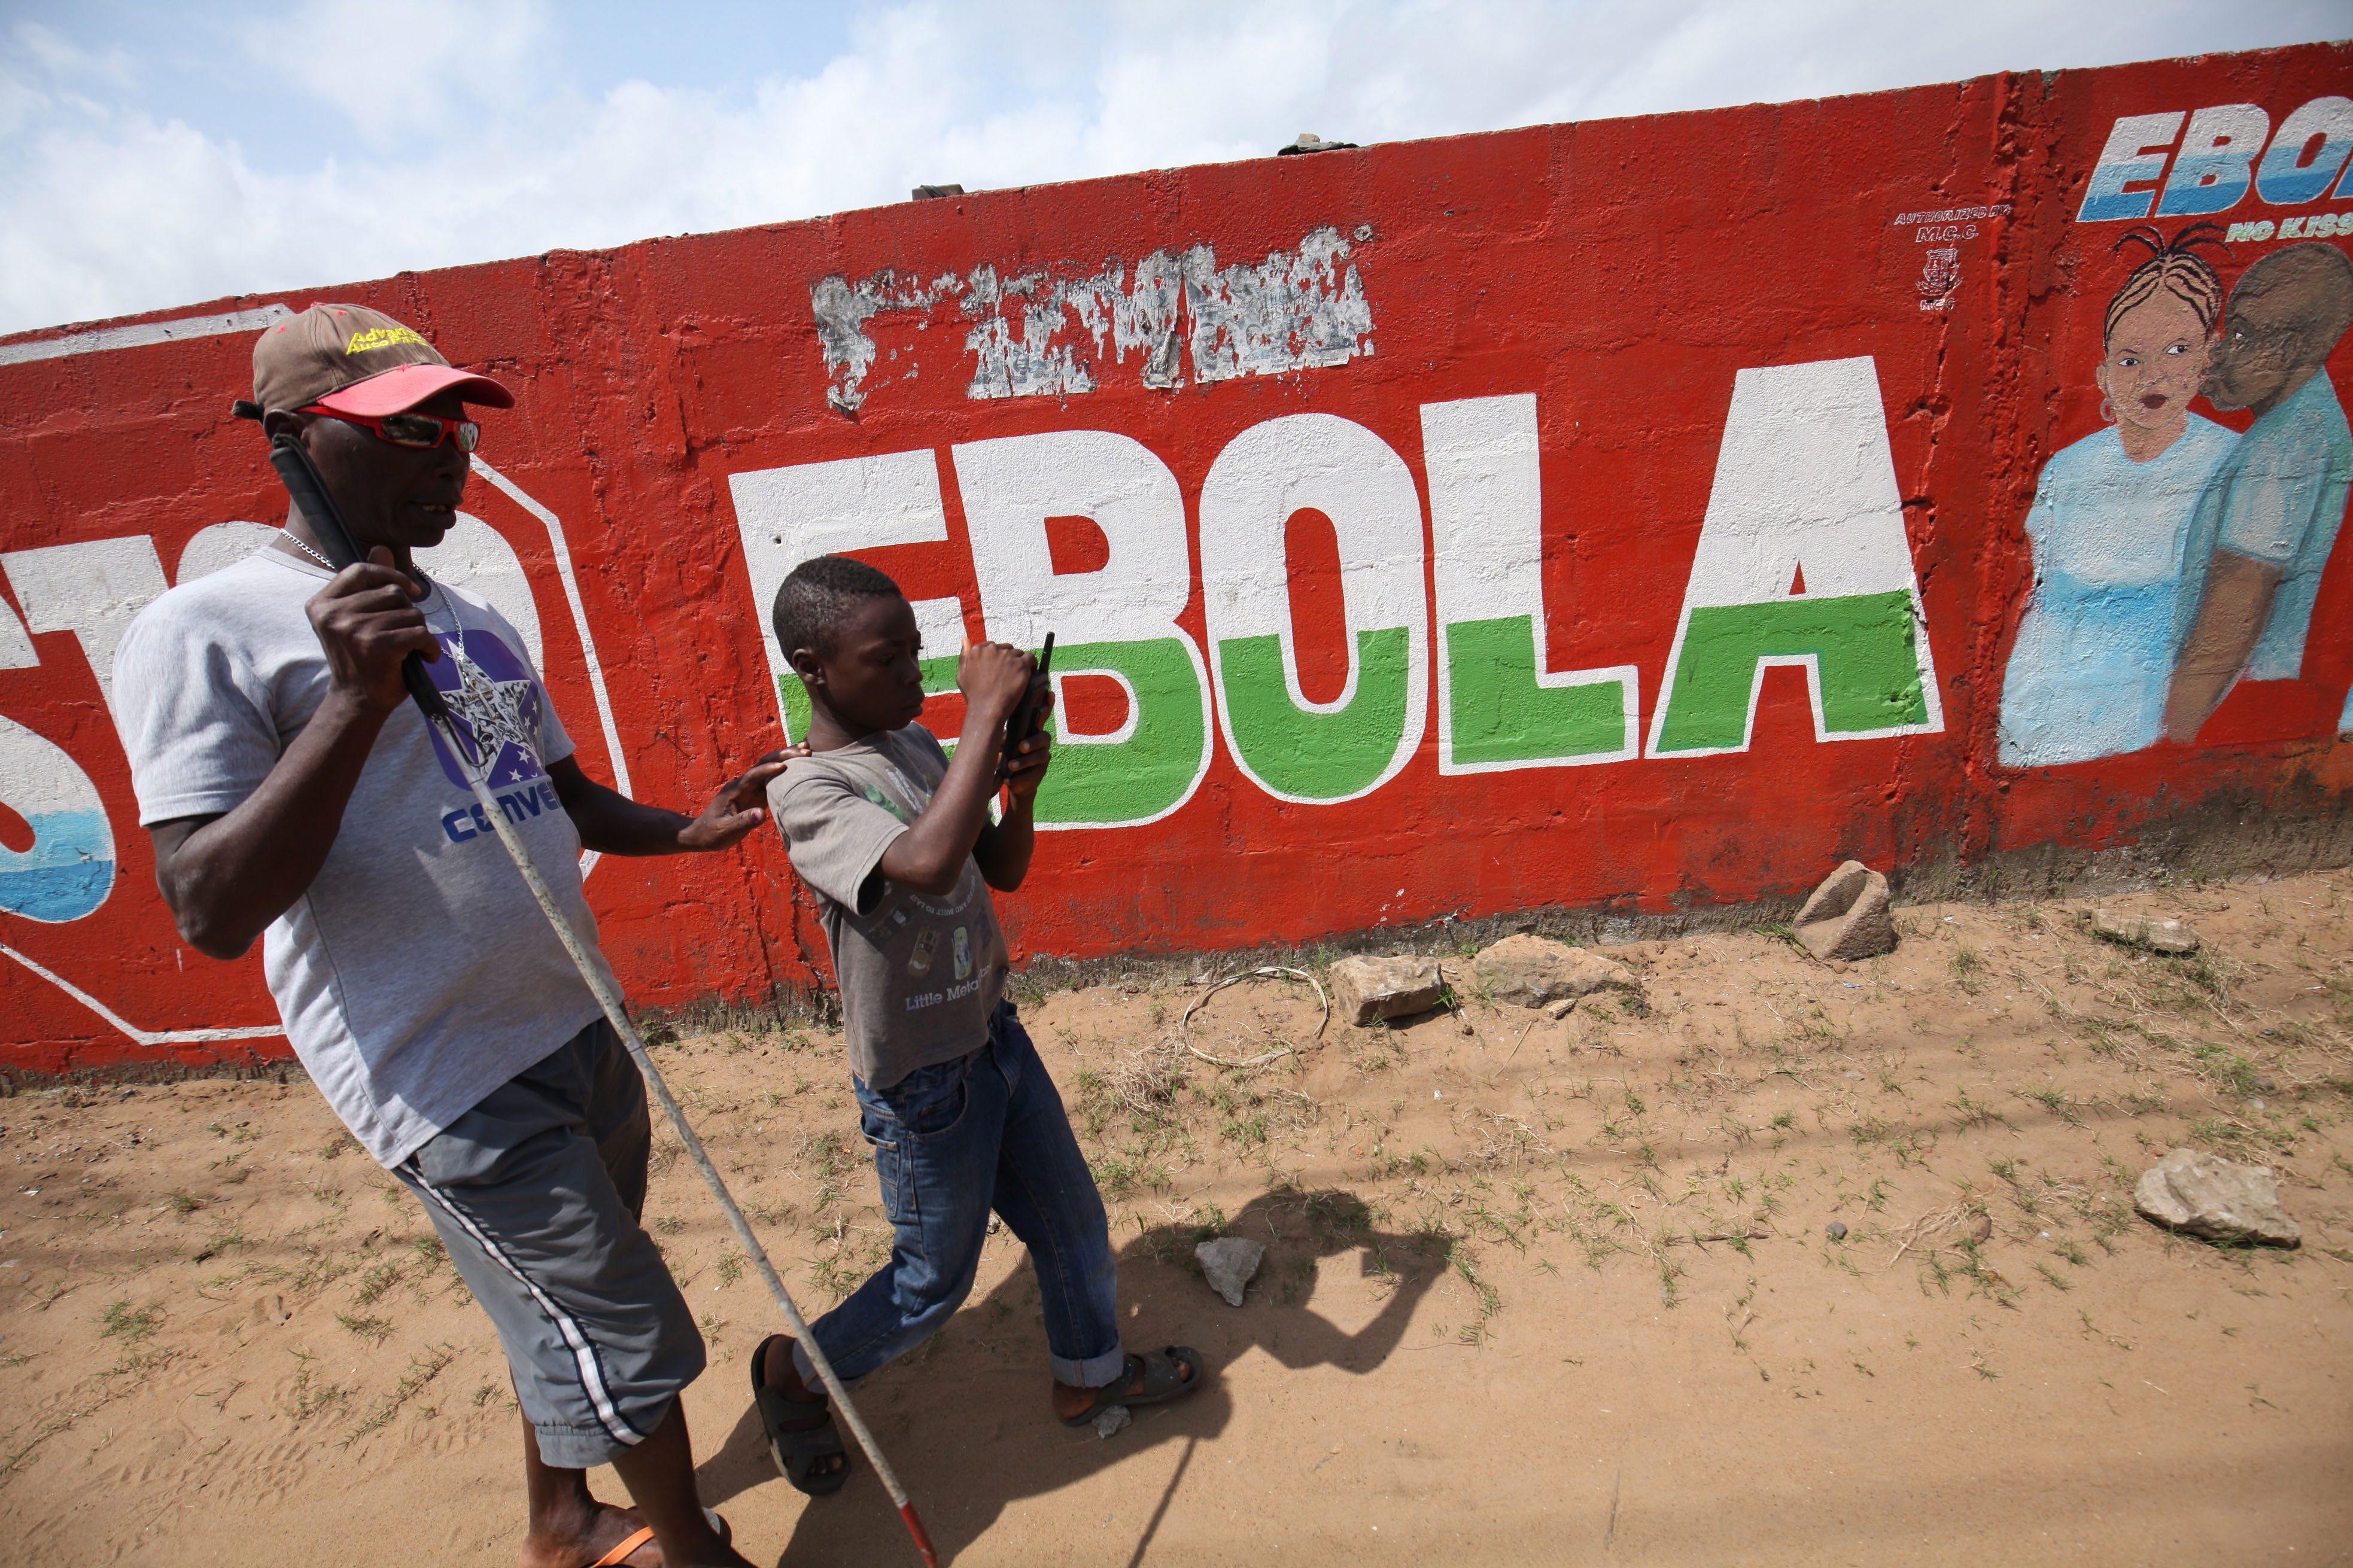 Die Behörden in Westafrika haben einen neuen Ebola-Fall bekanntgegeben.